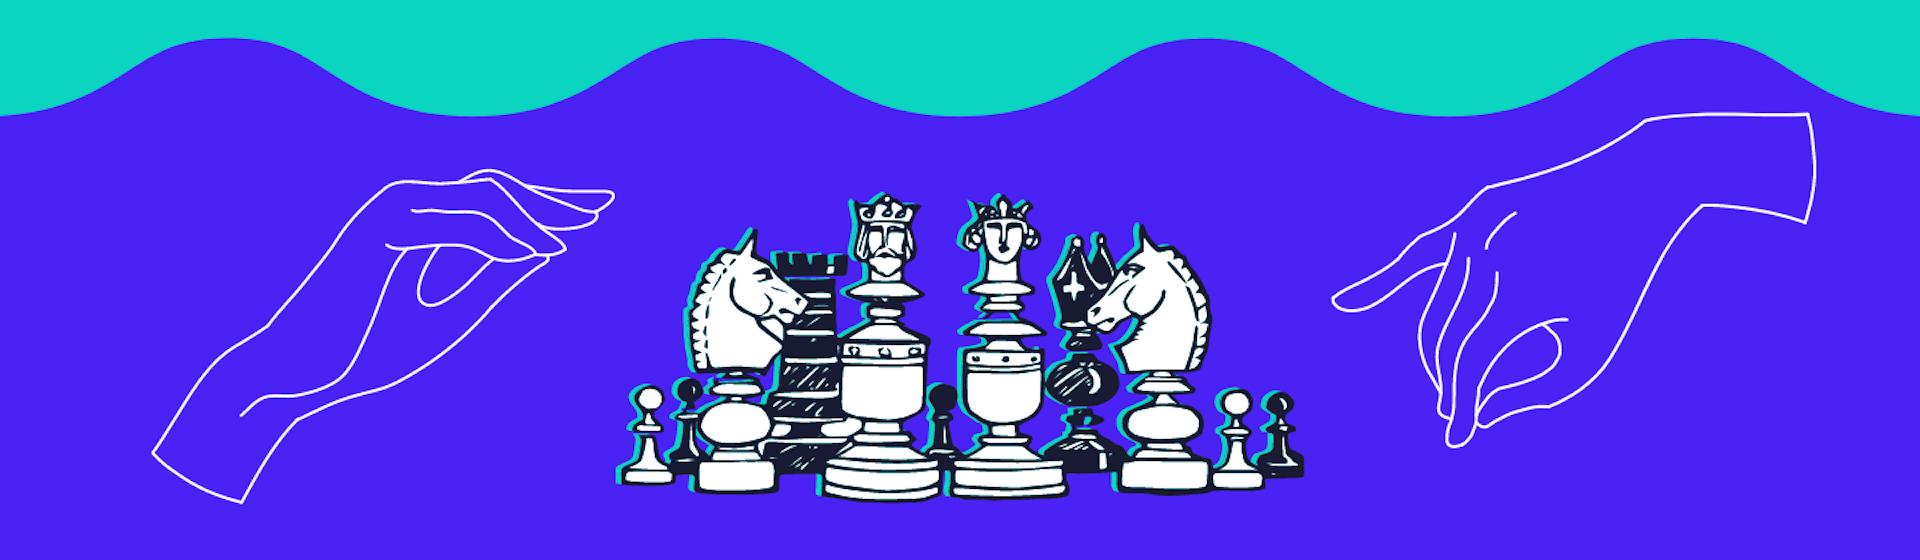 ¿Qué es el ajedrez? El arte de la estrategia y la guerra